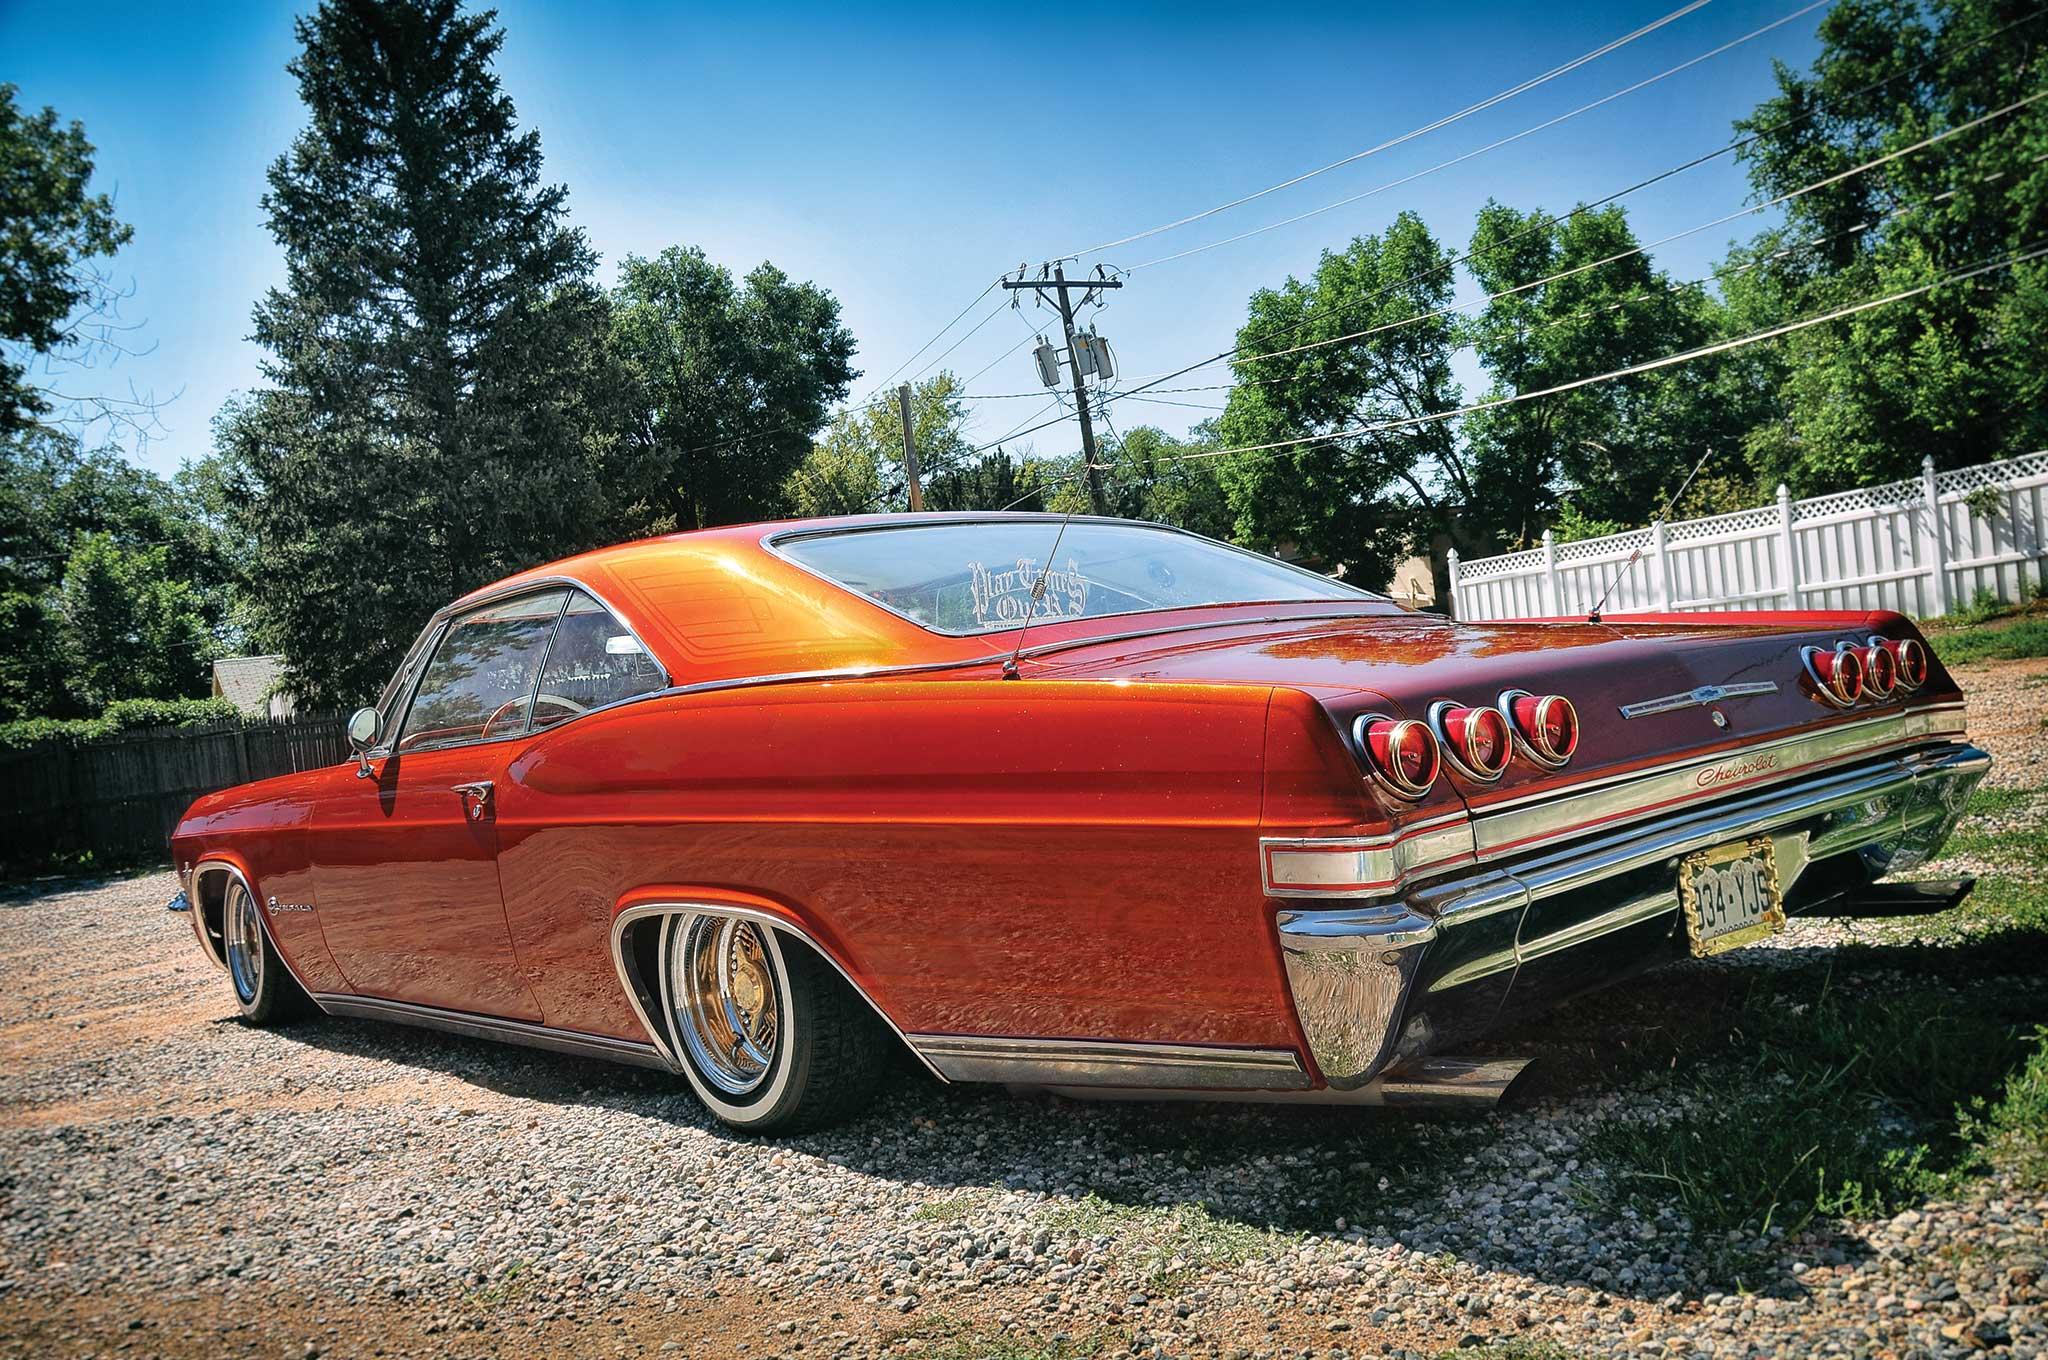 1965 Impala SS 327 4 speed